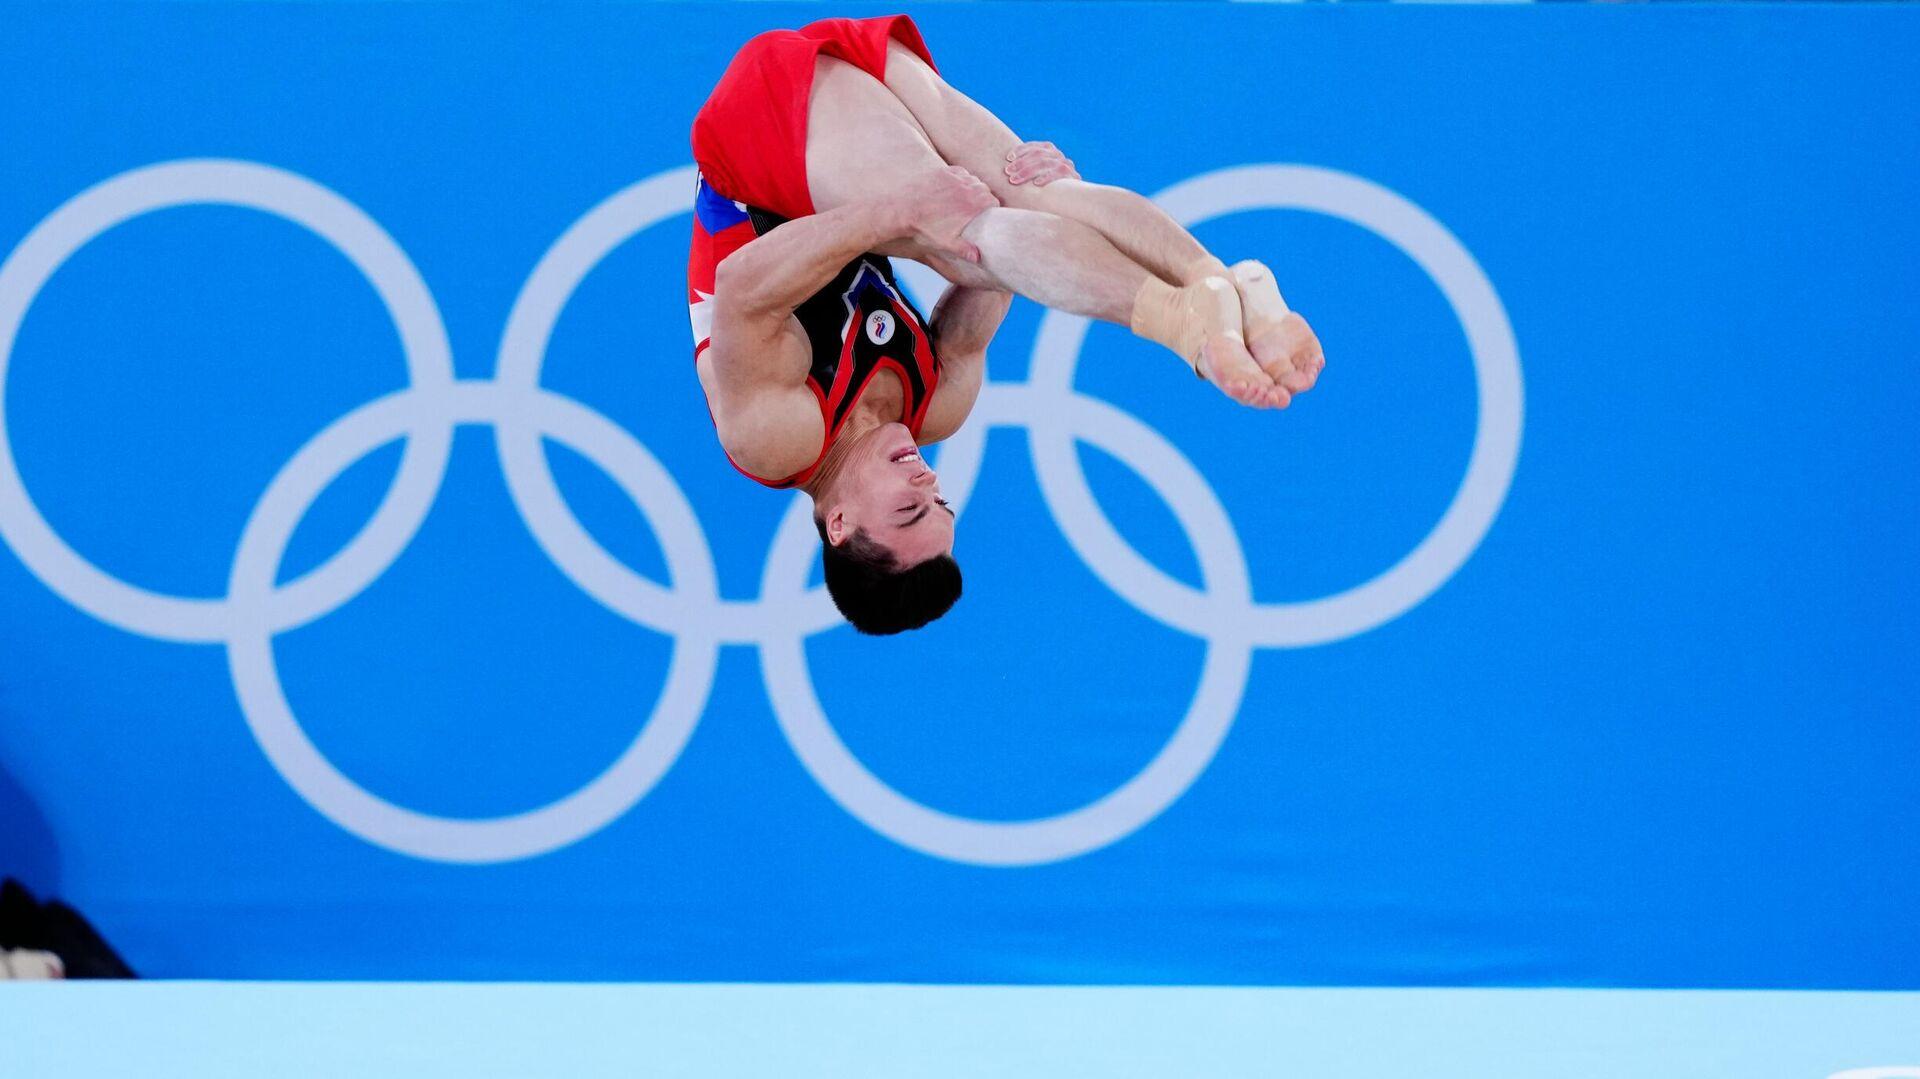 Олимпиада-2020. Спортивная гимнастика. Мужчины. Вольные упражнения - РИА Новости, 1920, 18.09.2021